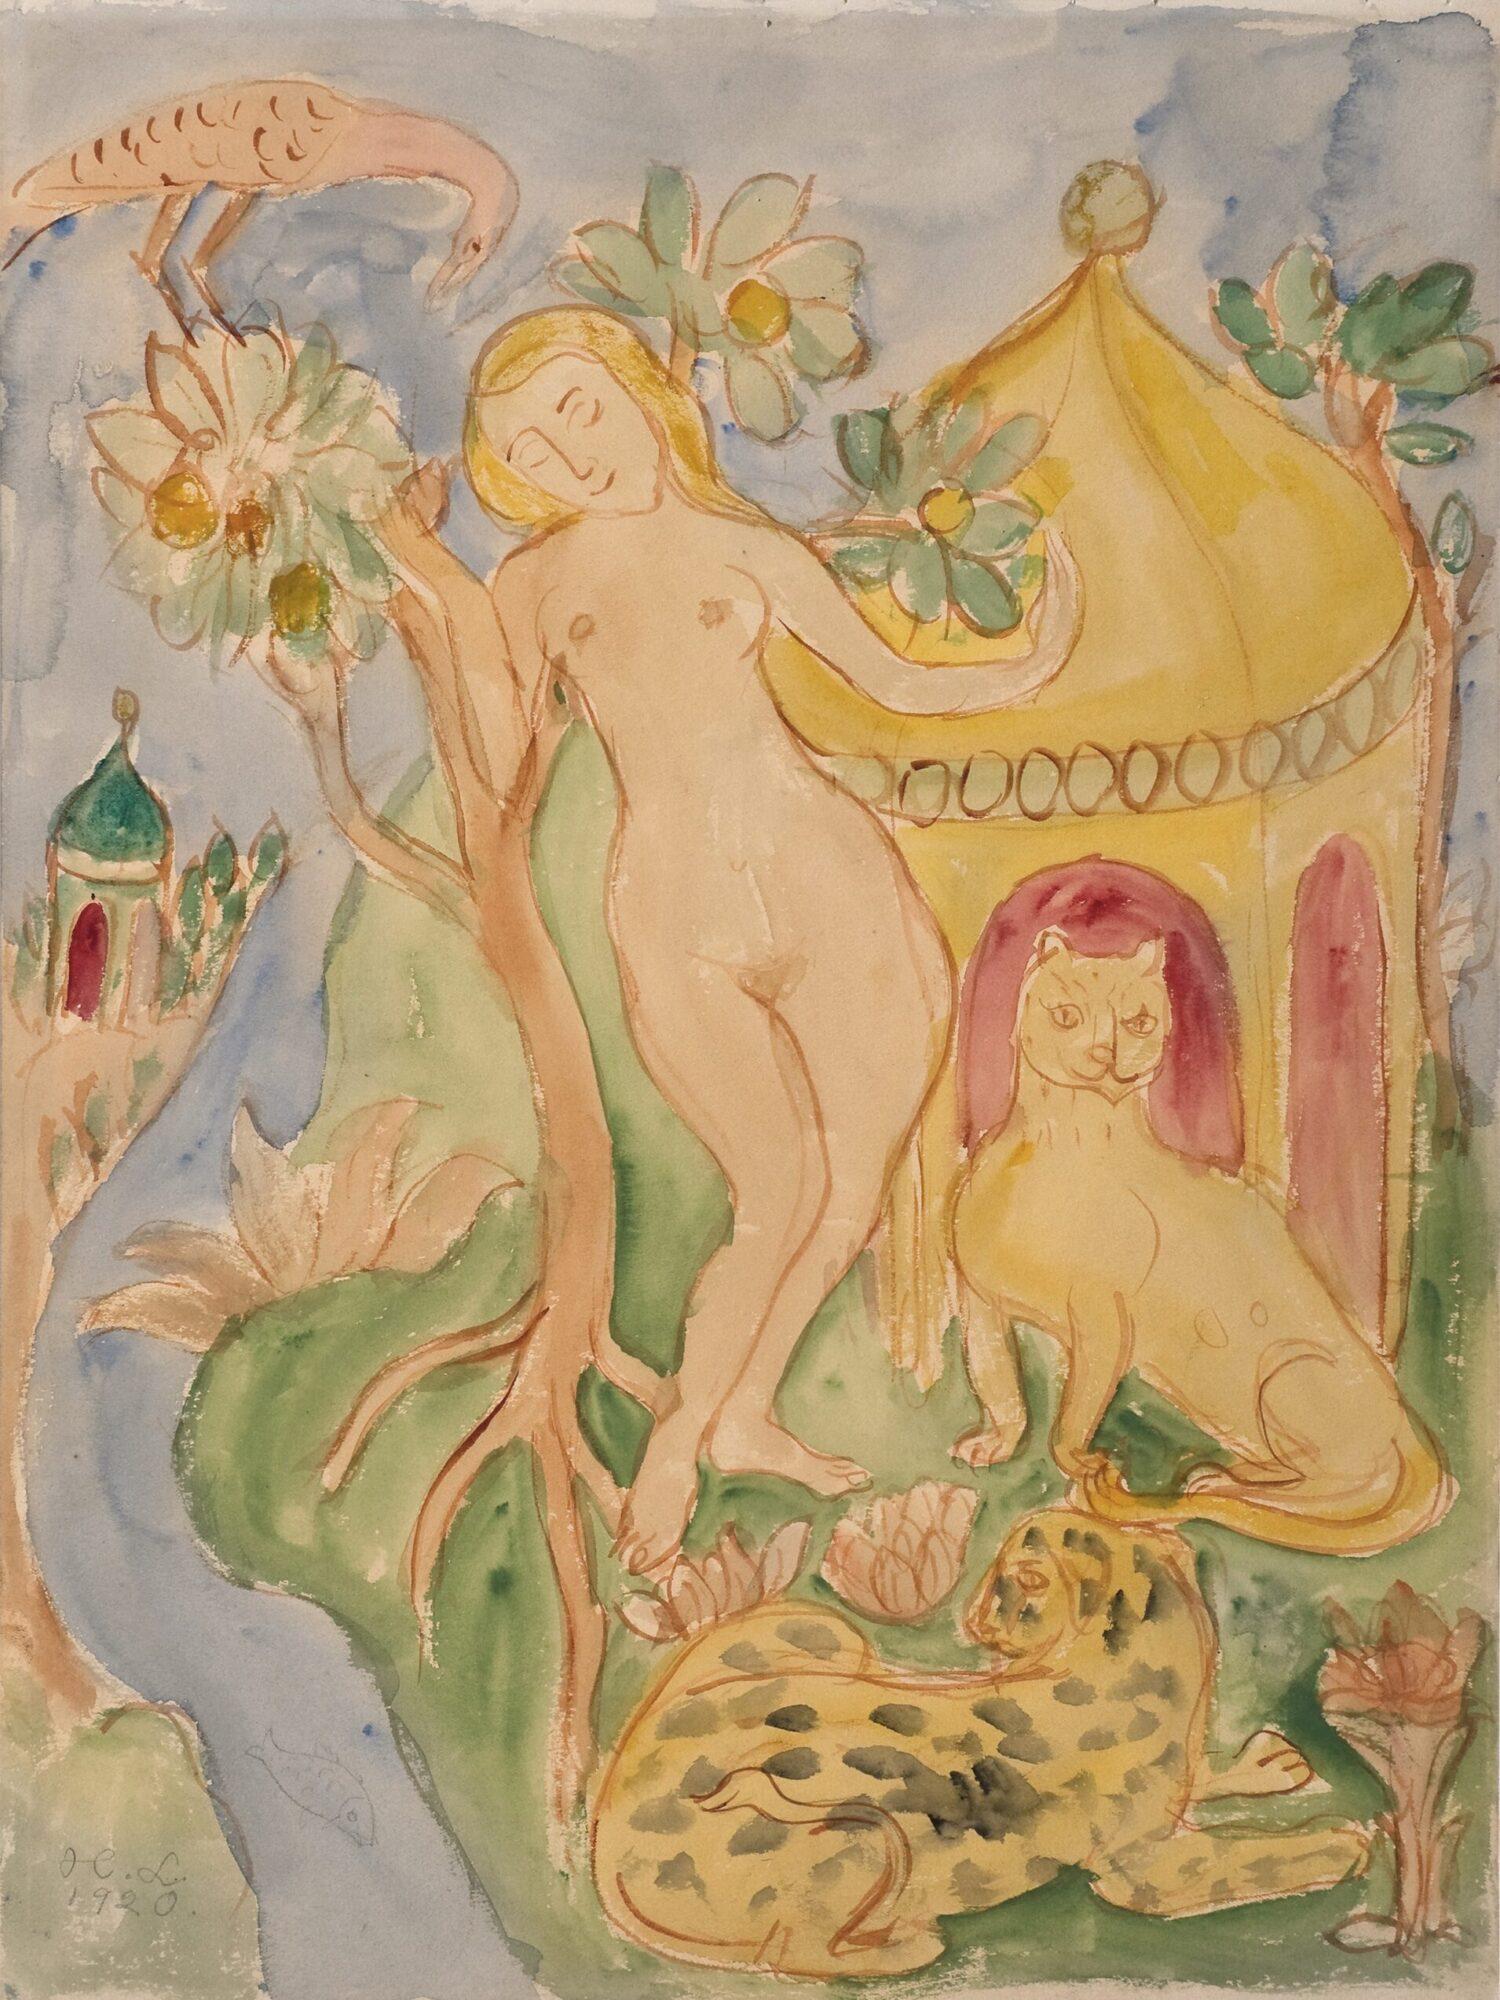 Hilding Linnqvist, Dekorativ skiss, 1920. Foto: Leif Mattsson